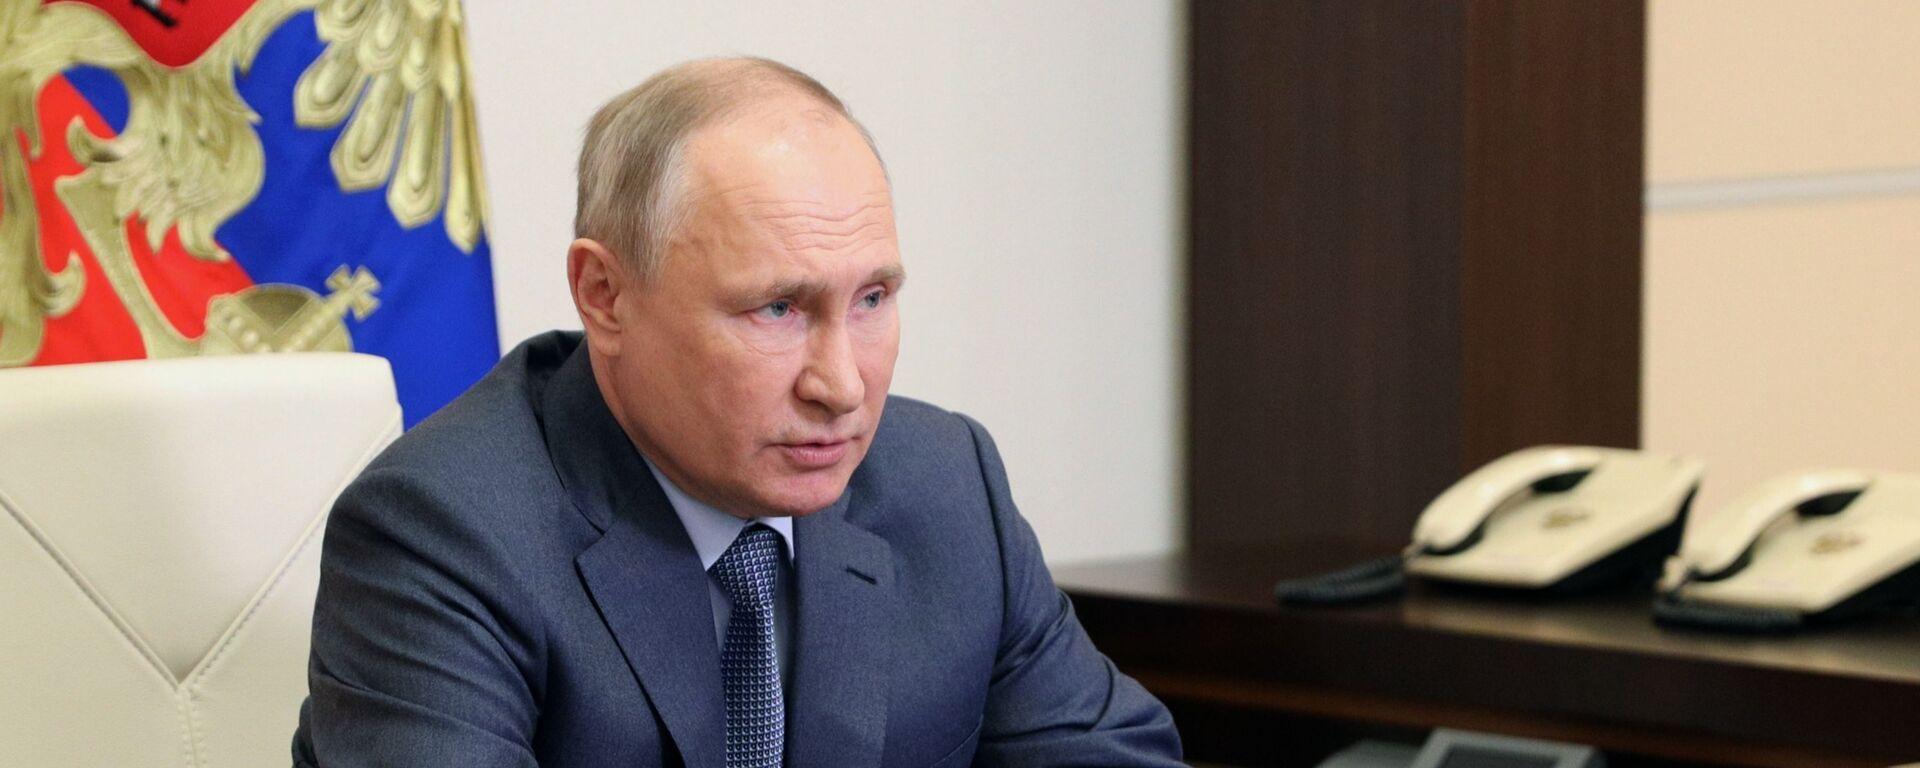 Президент РФ Владимир Путин  - Sputnik Արմենիա, 1920, 28.07.2021